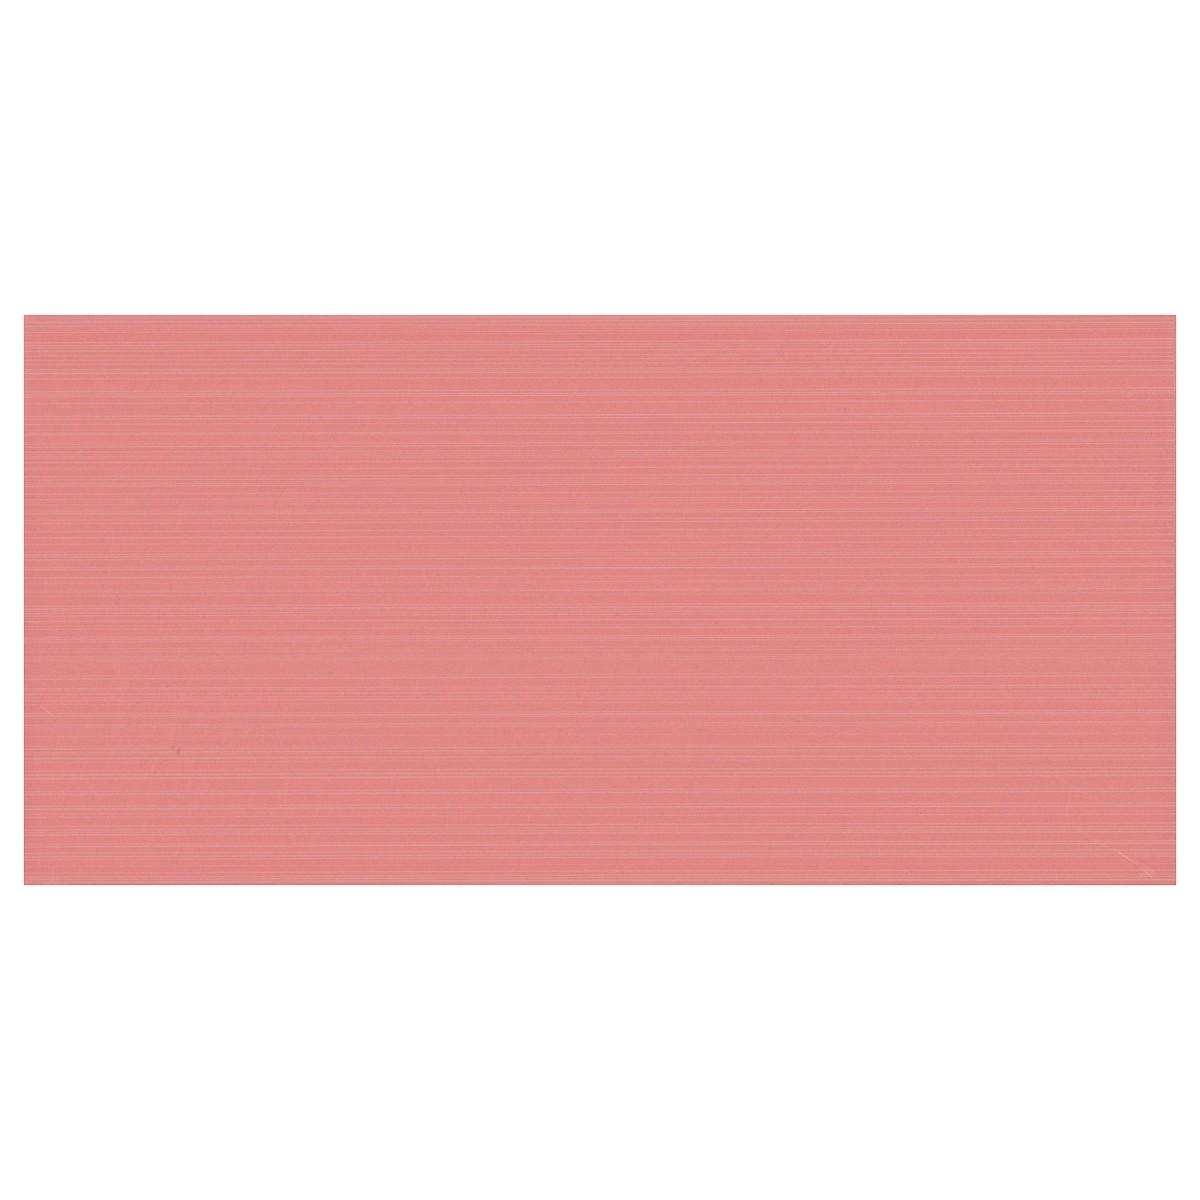 Плитка настенная Фрэска 20х40 см 1.2 м2 цвет розовый